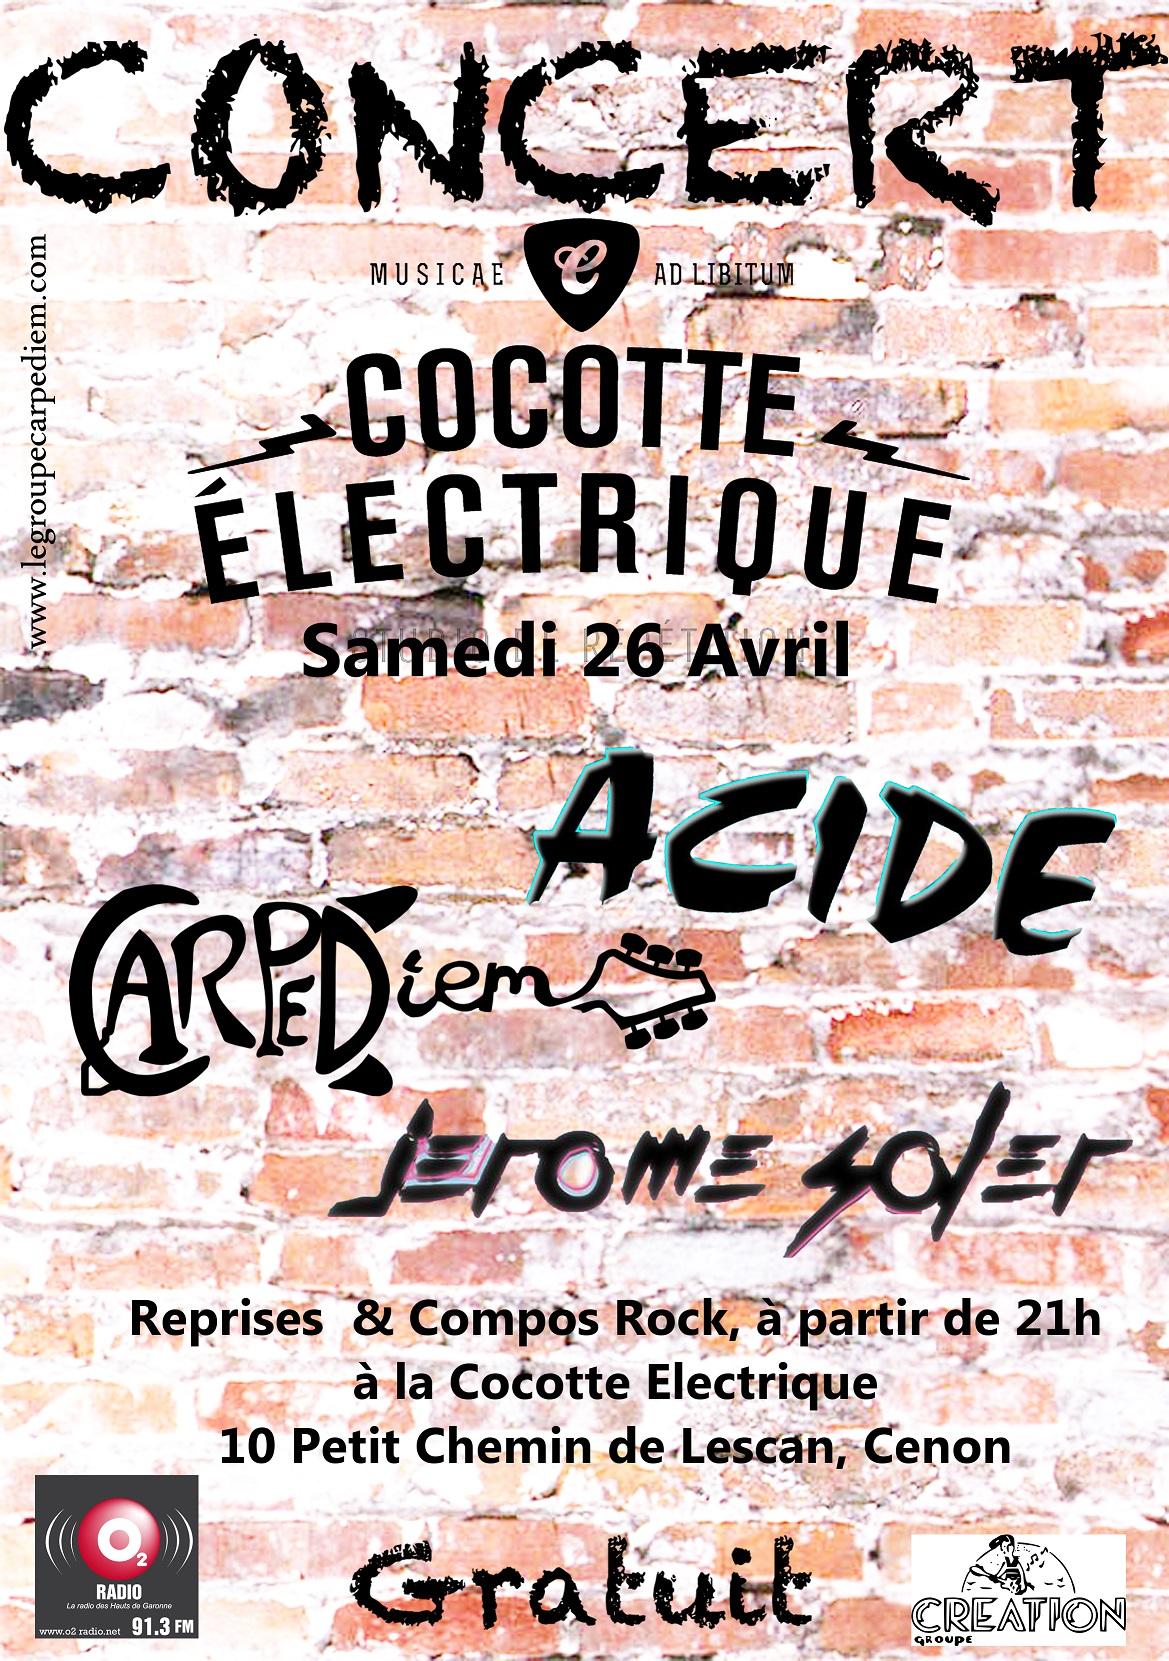 Concert-carpediem-cocotte